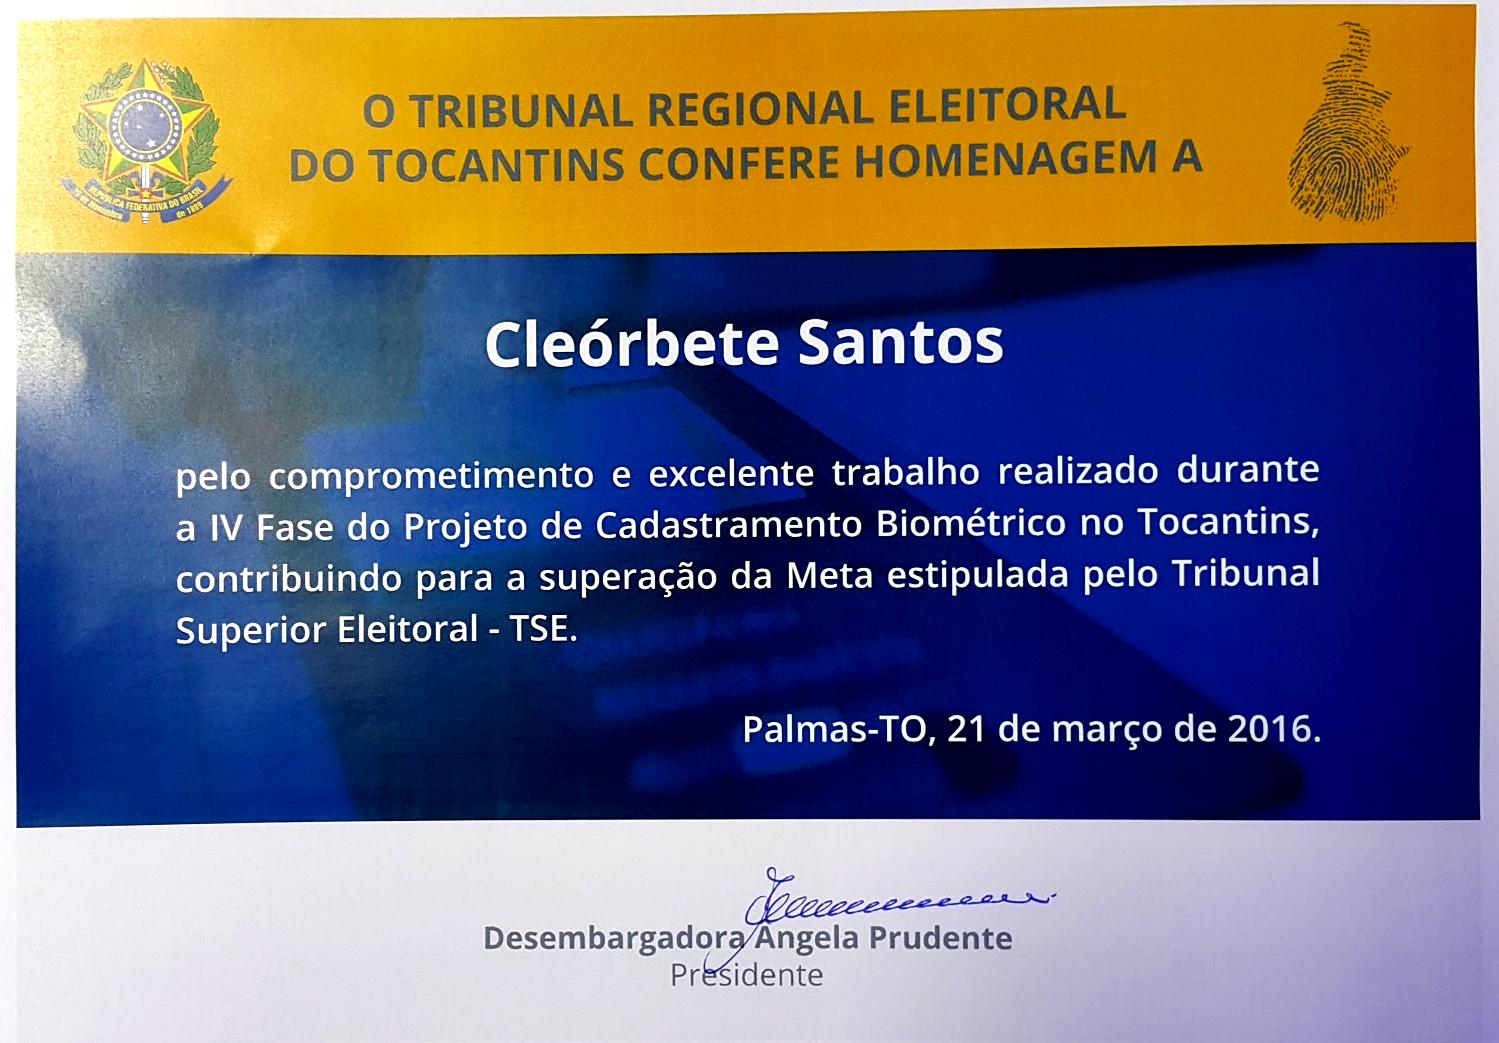 homenagem-tribunal-regional-eleitoral-do-tocantins-cleorbete